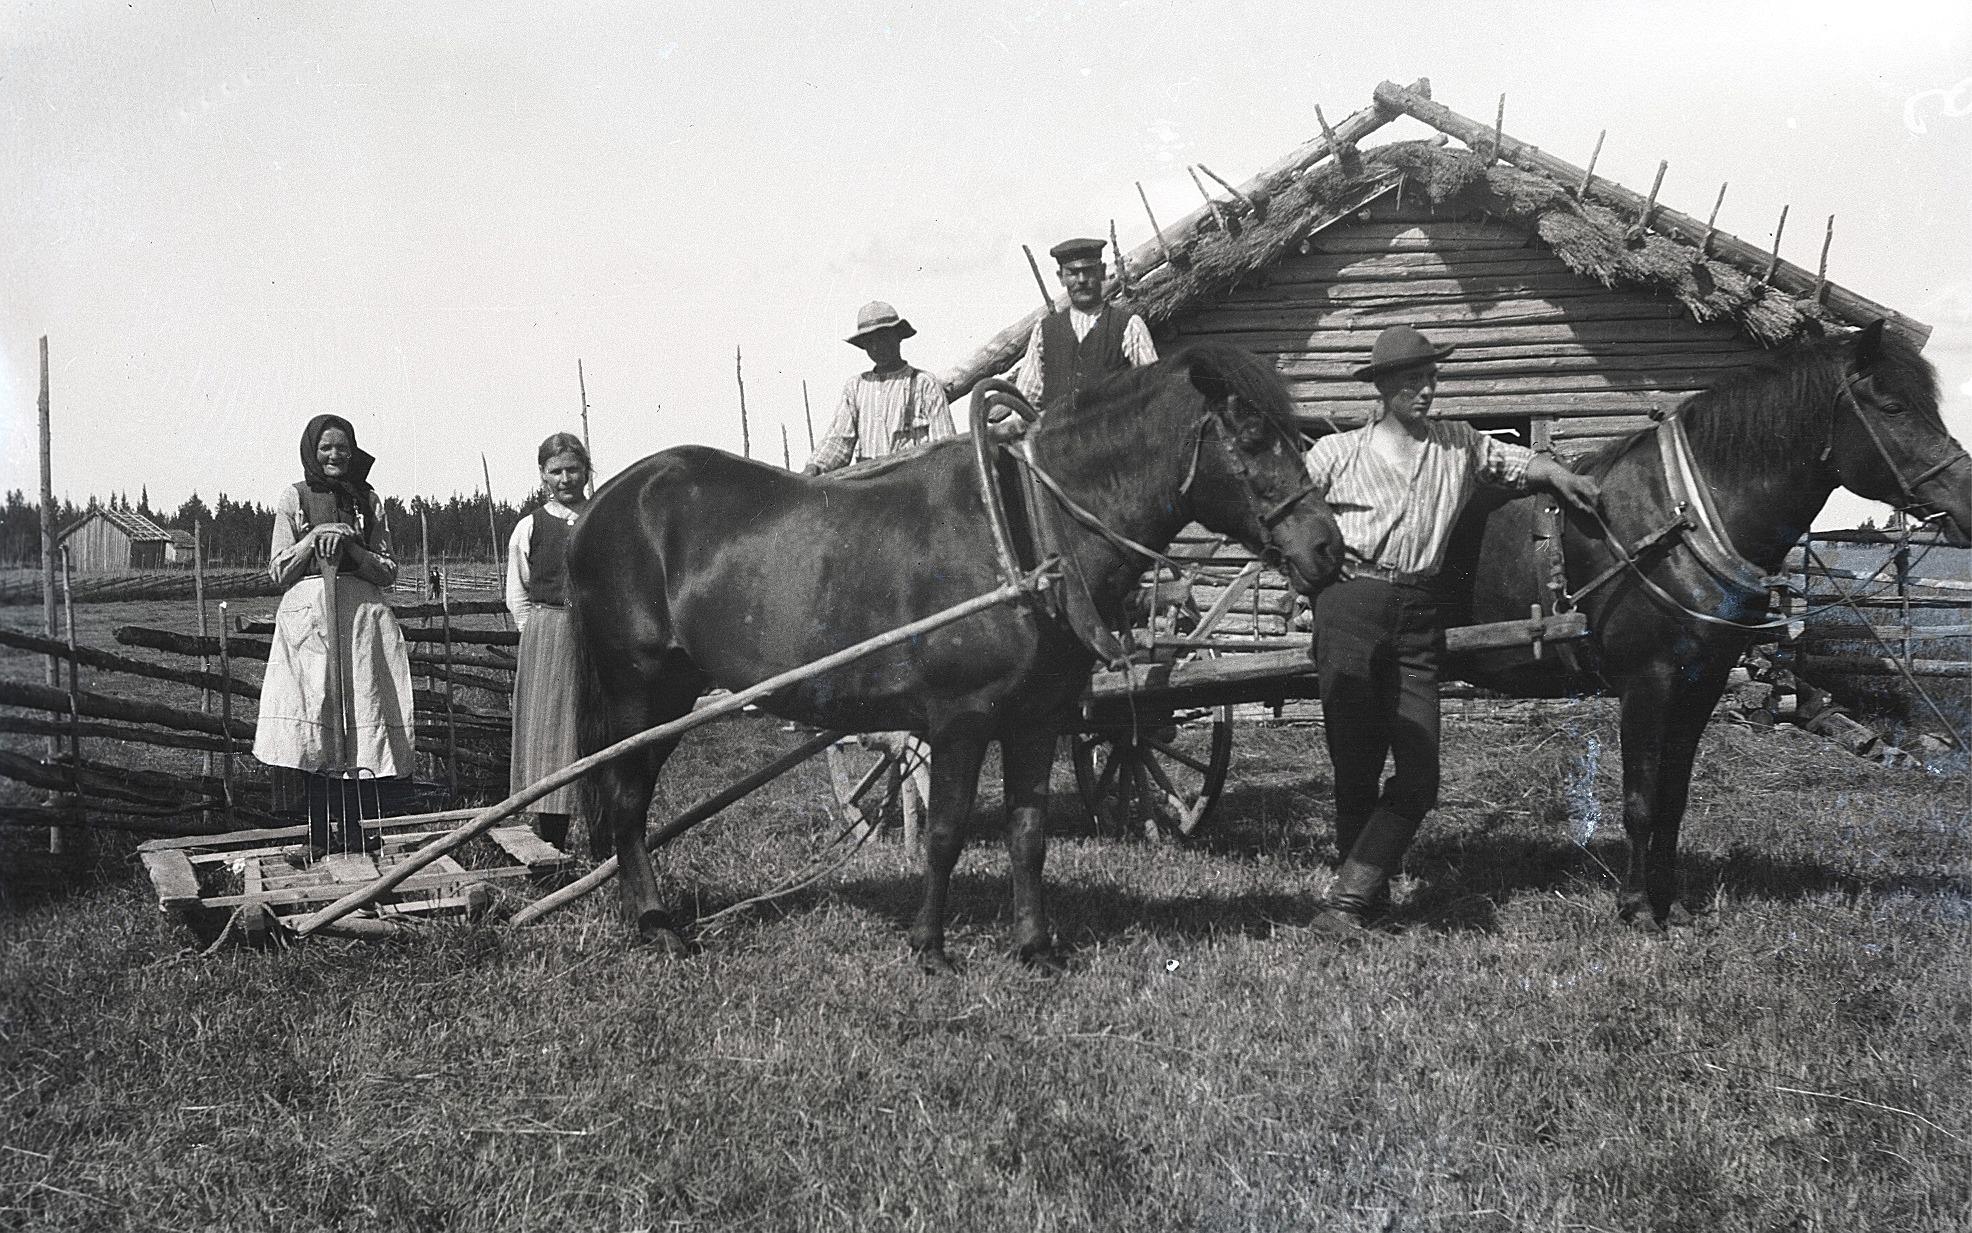 Så här kunde det se ut på åkrarna där hästarna gjorde grovjobbet. Till vänster en typisk stocklada med halmtak.